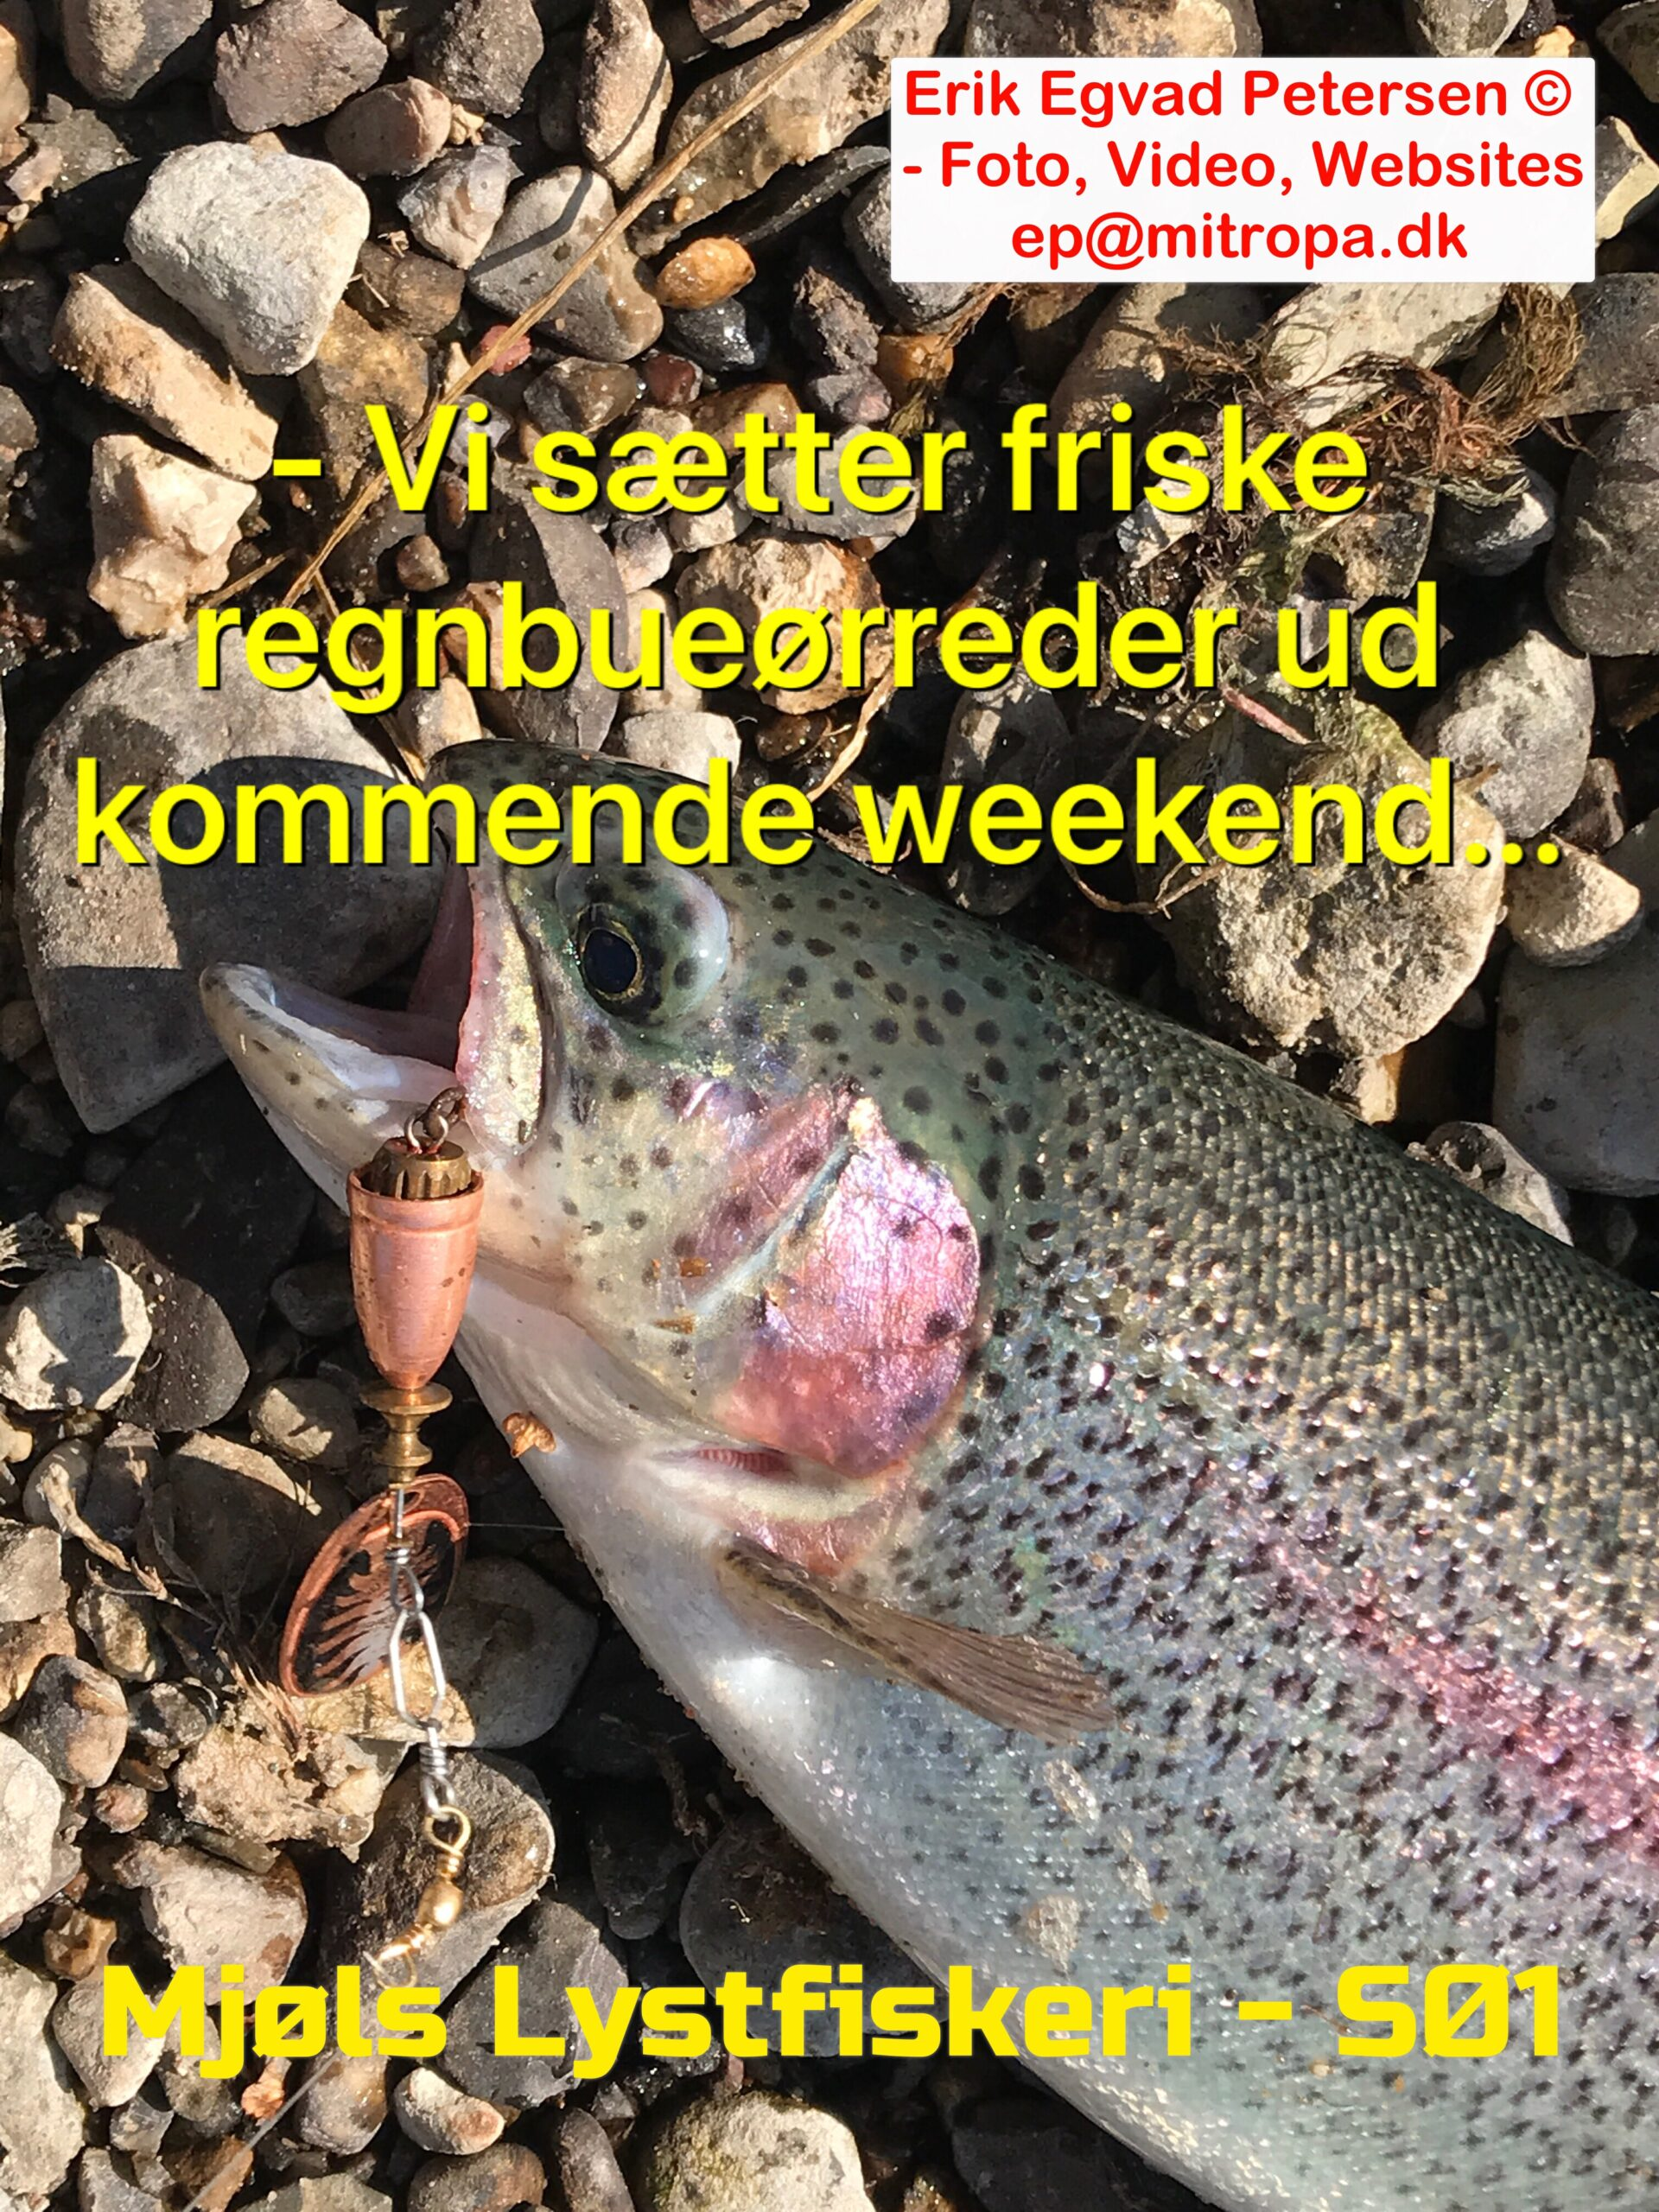 Mjøls Lysfiskeri – Vi sætter friske regnbueørreder ud